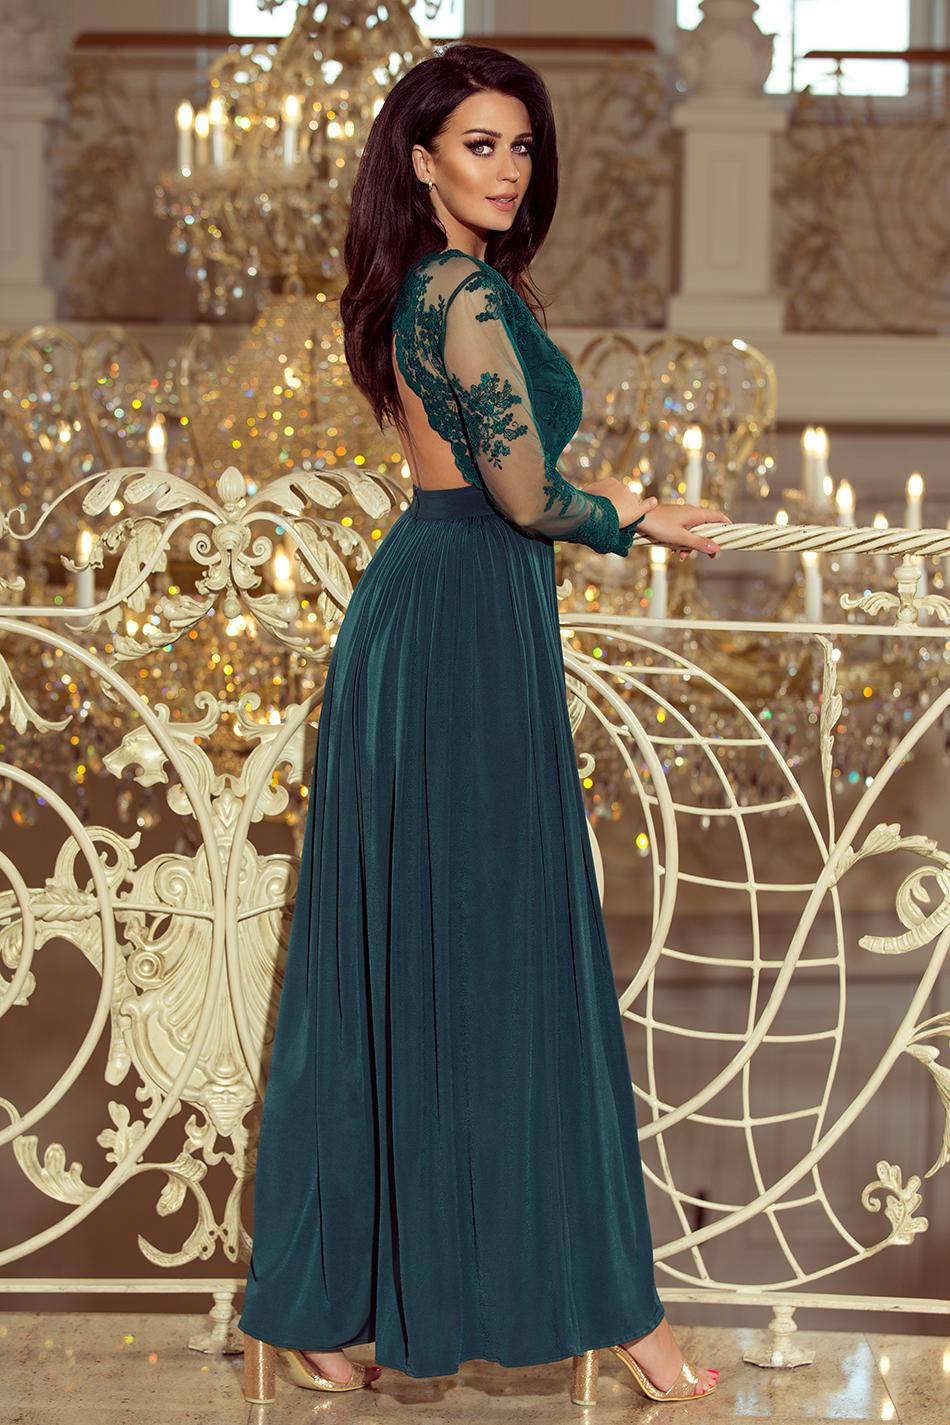 57ef1ce99f03 ... Společenské dlouhé šaty ARATI s krajkovými rukávy zelená empty